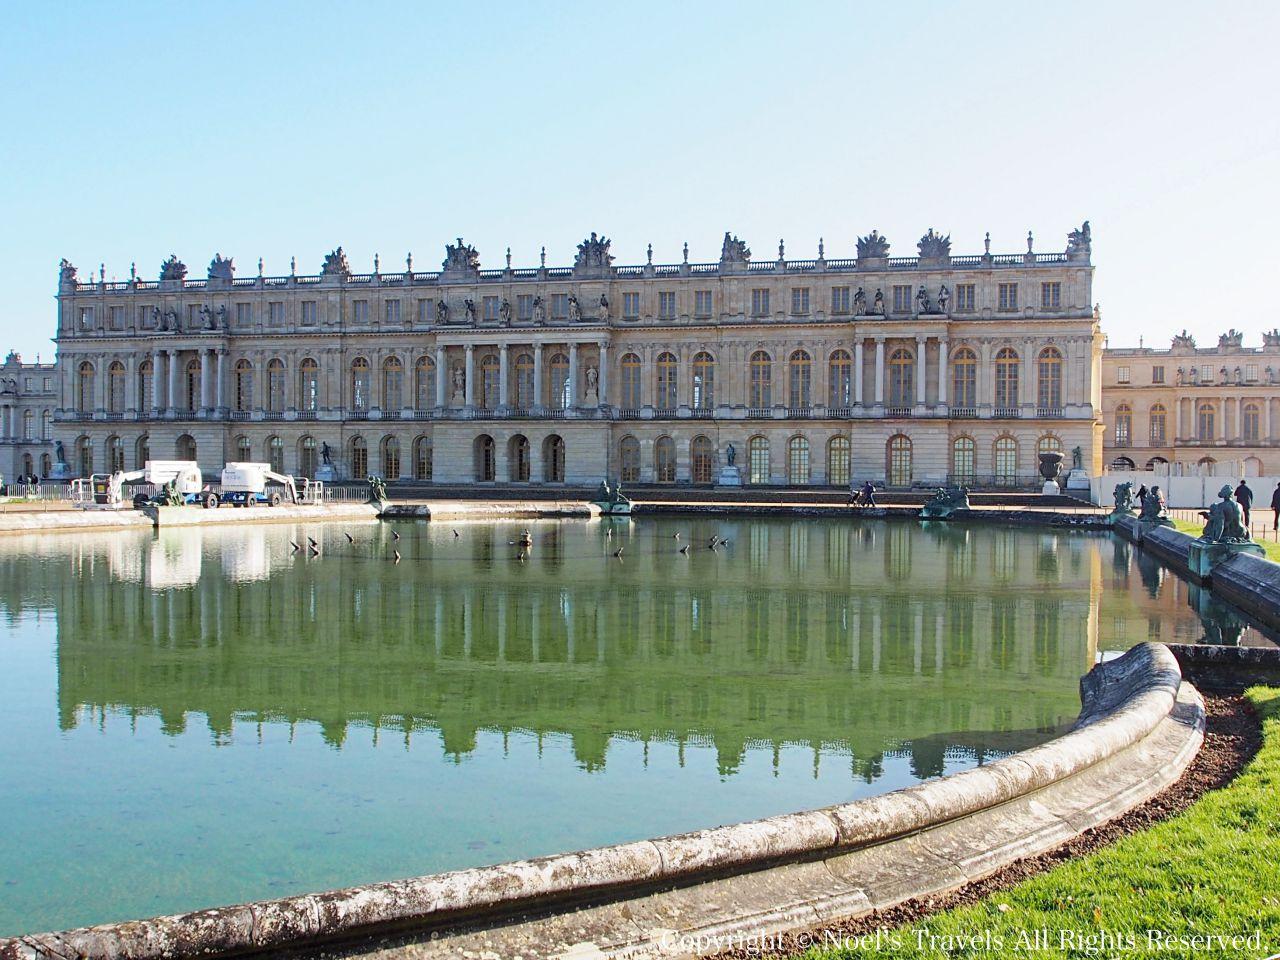 ヴェルサイユ宮殿の庭園の池